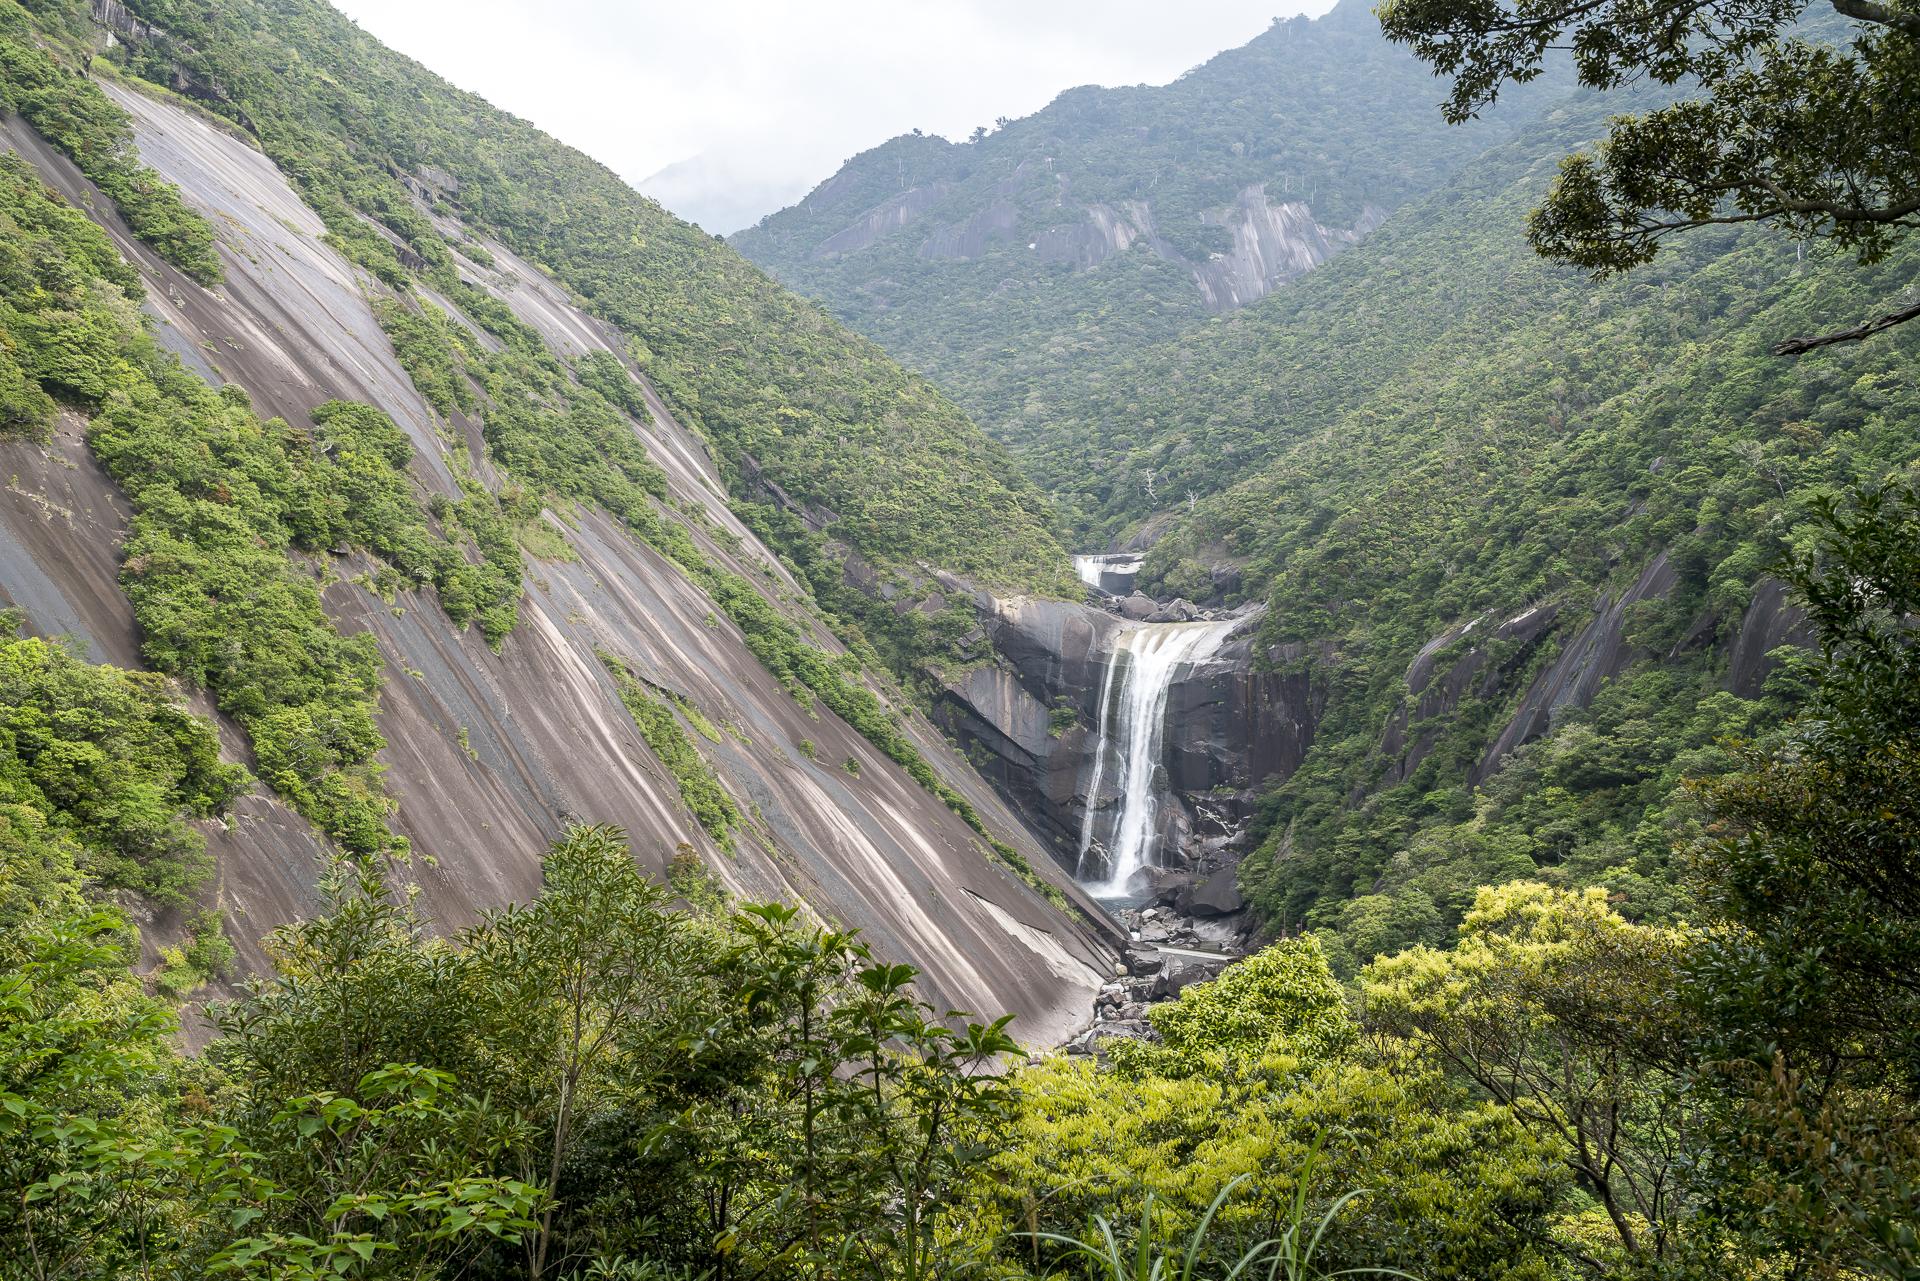 Senpiro no Taki Waterfall